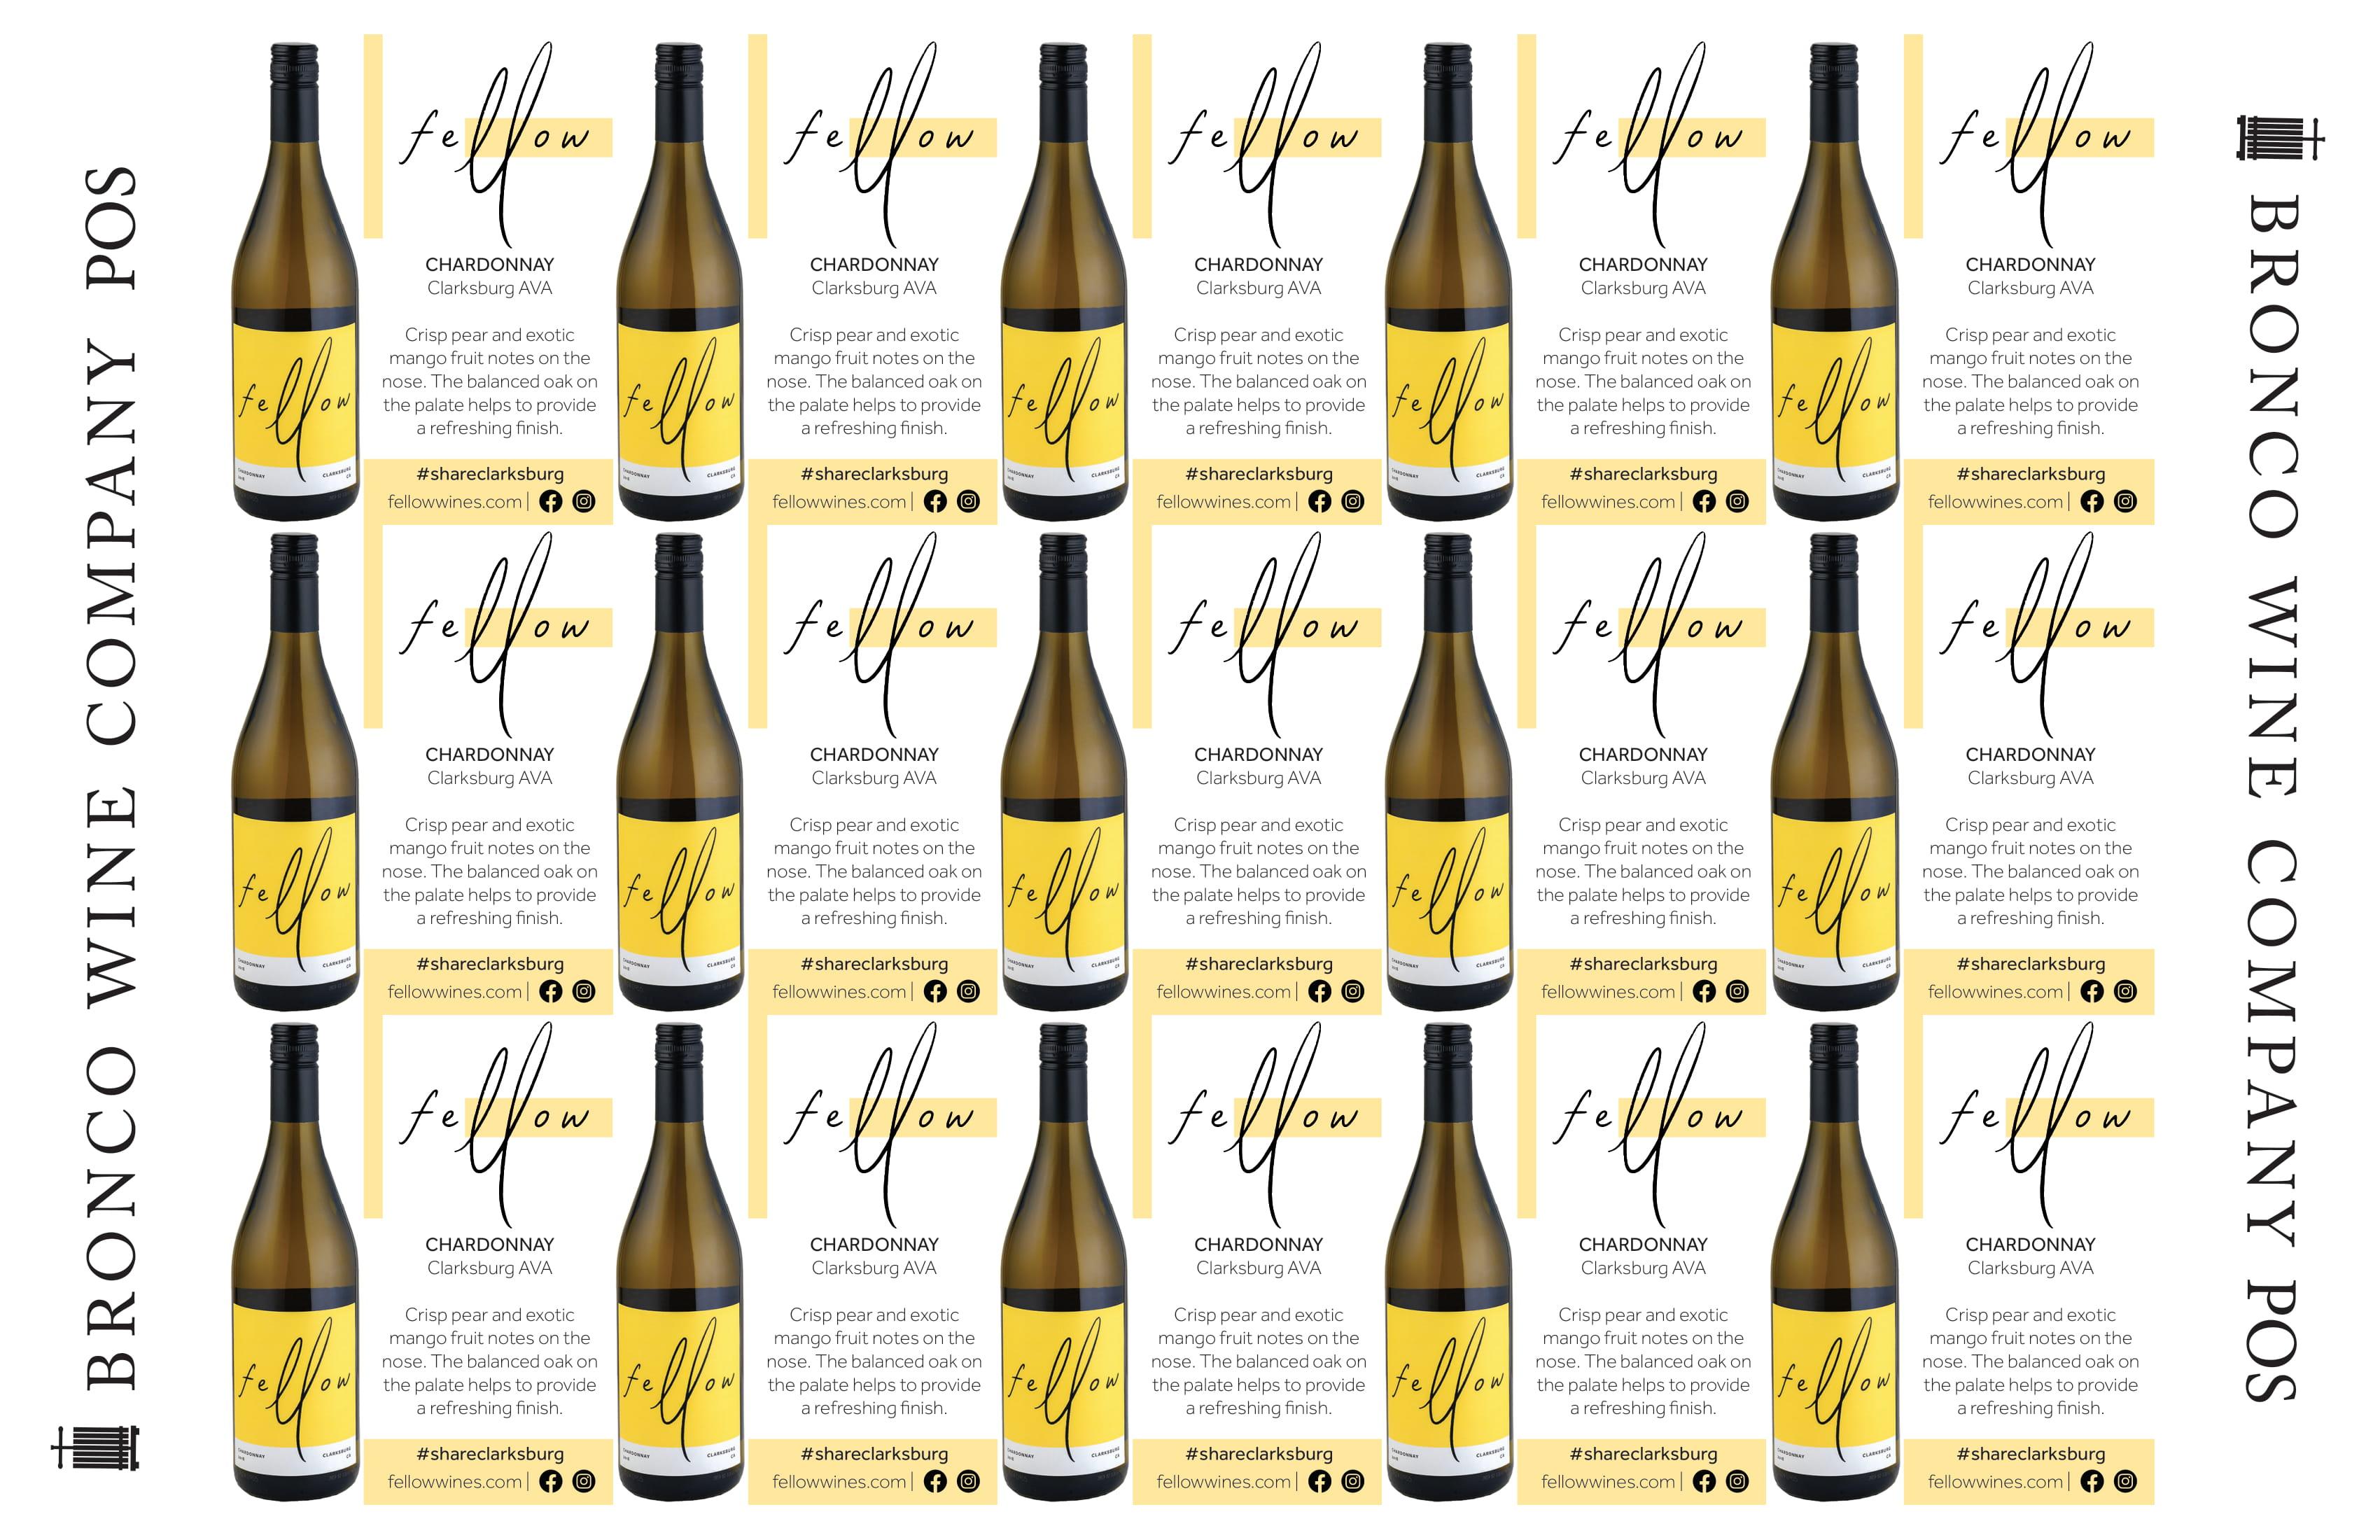 Fellow Wines Chardonnay Shelf Talker